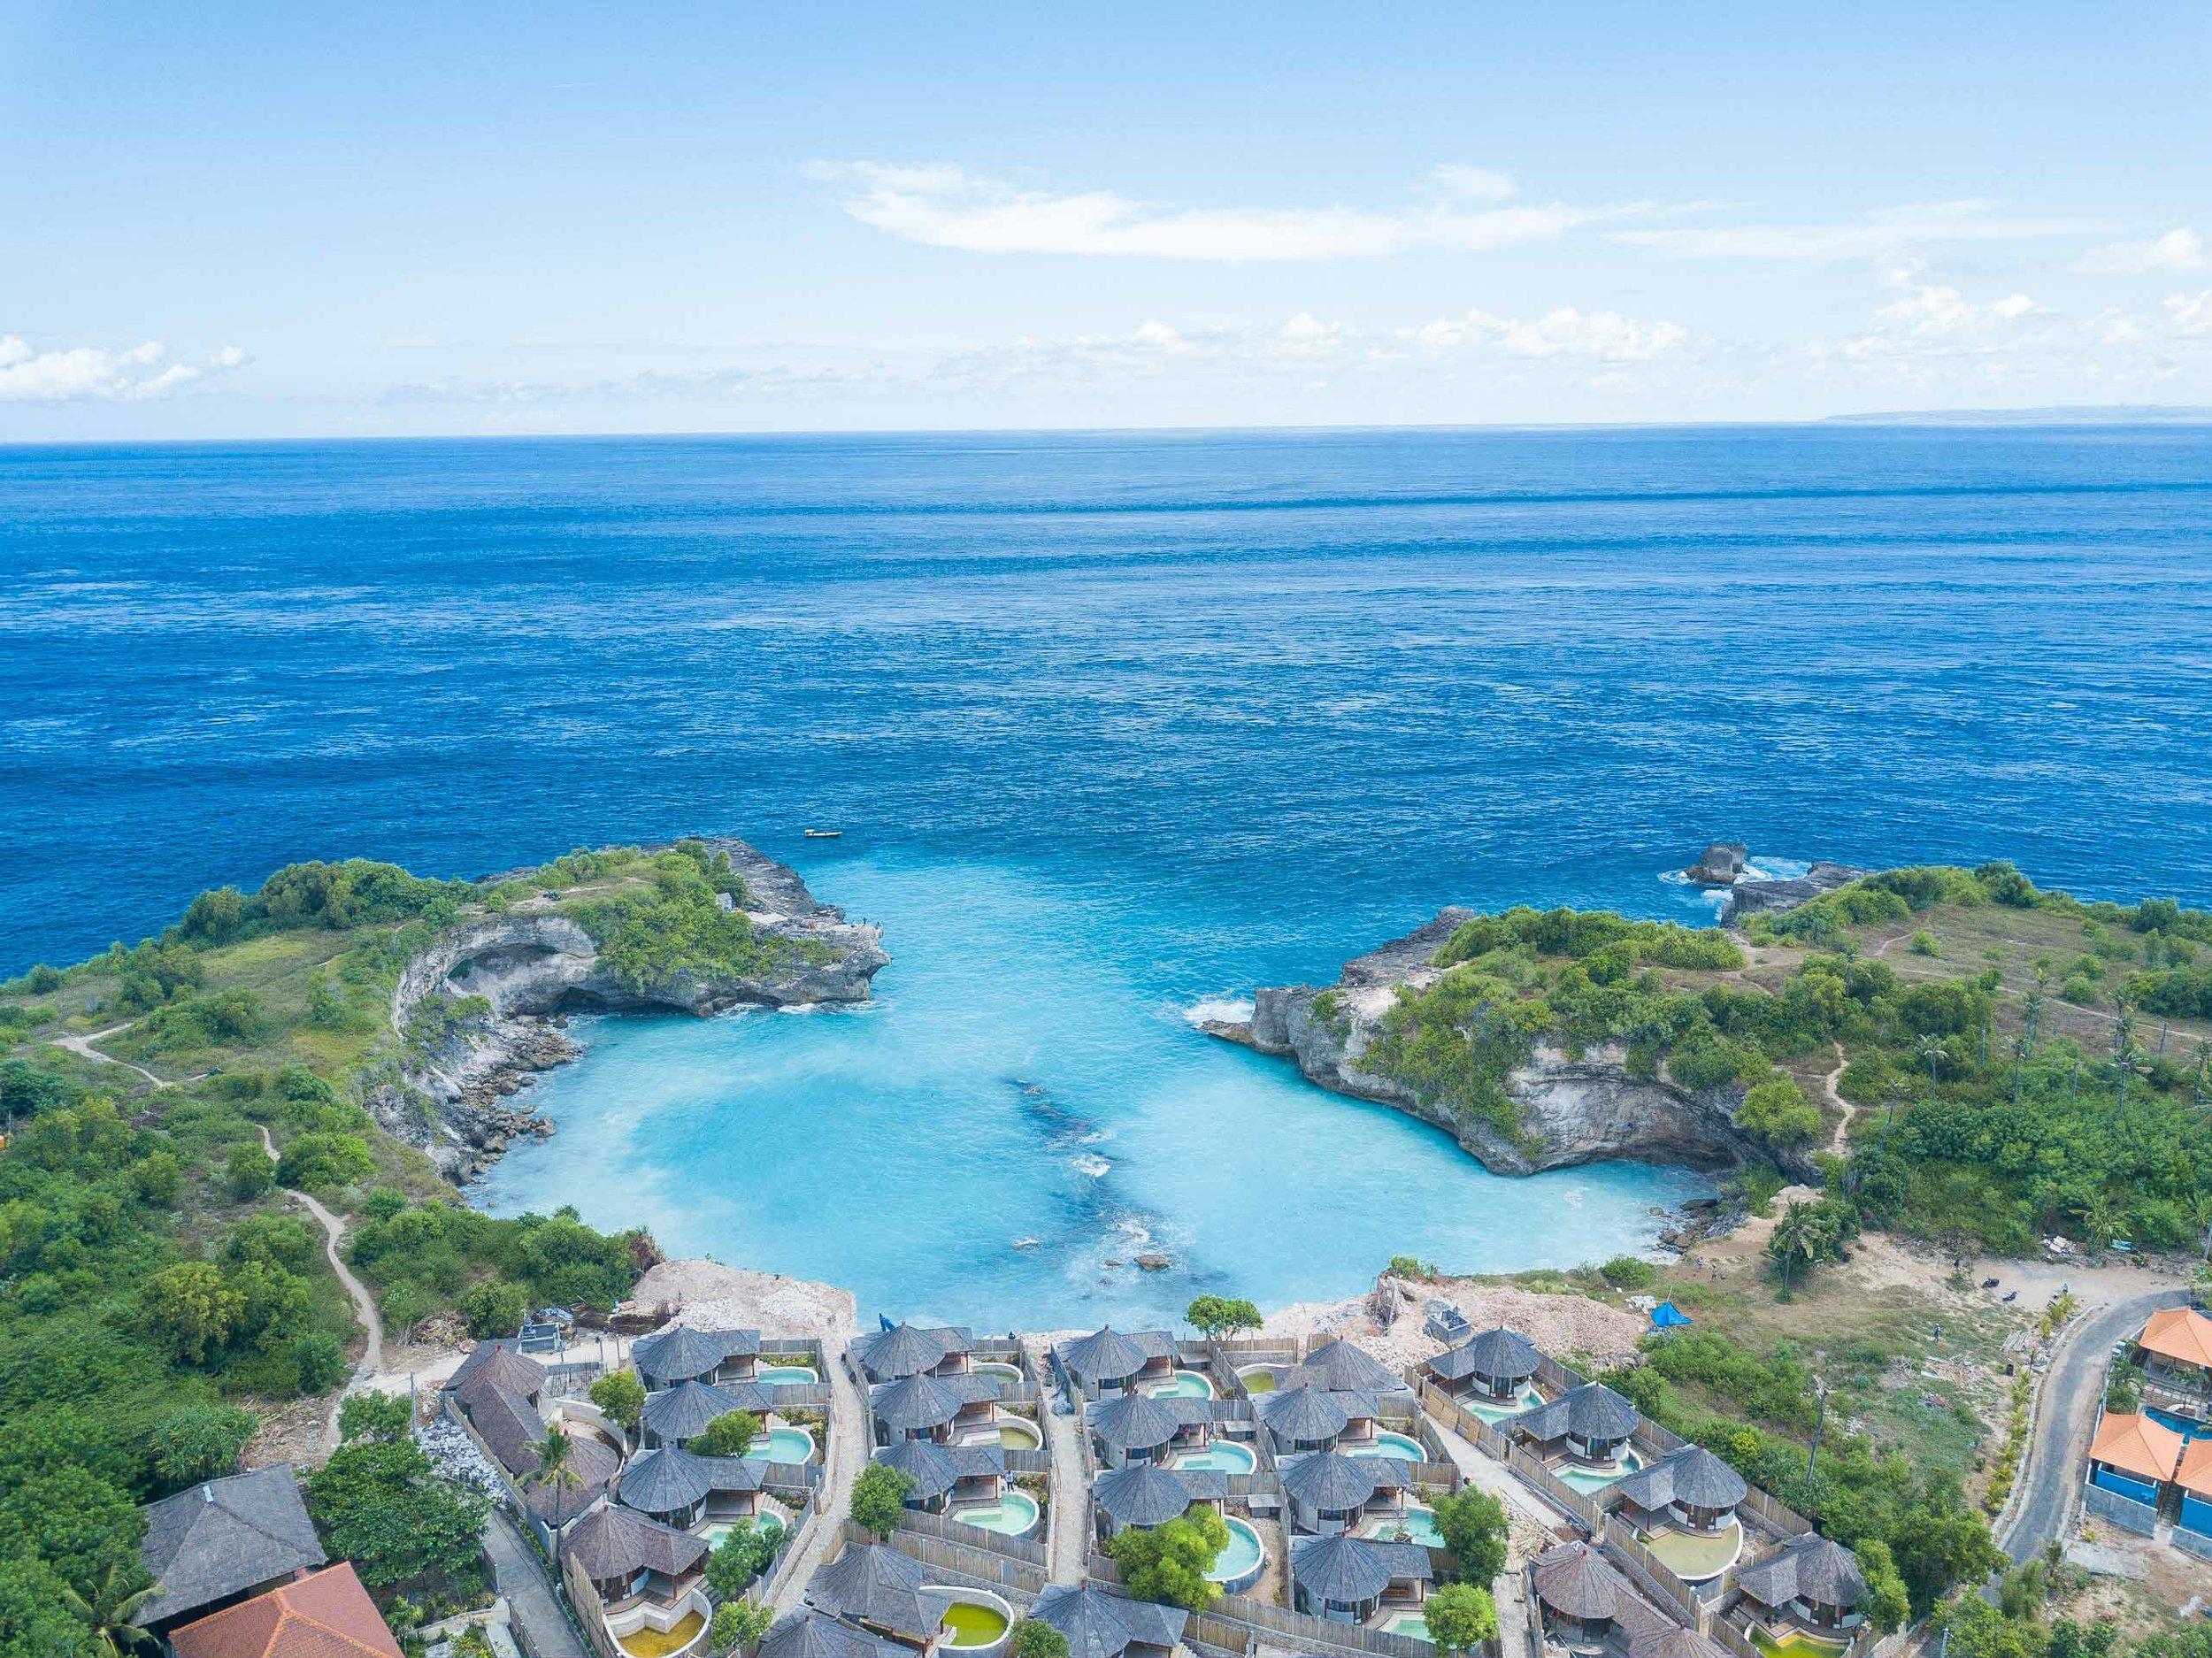 Avia villa blue lagoon nusa ceningan management resort